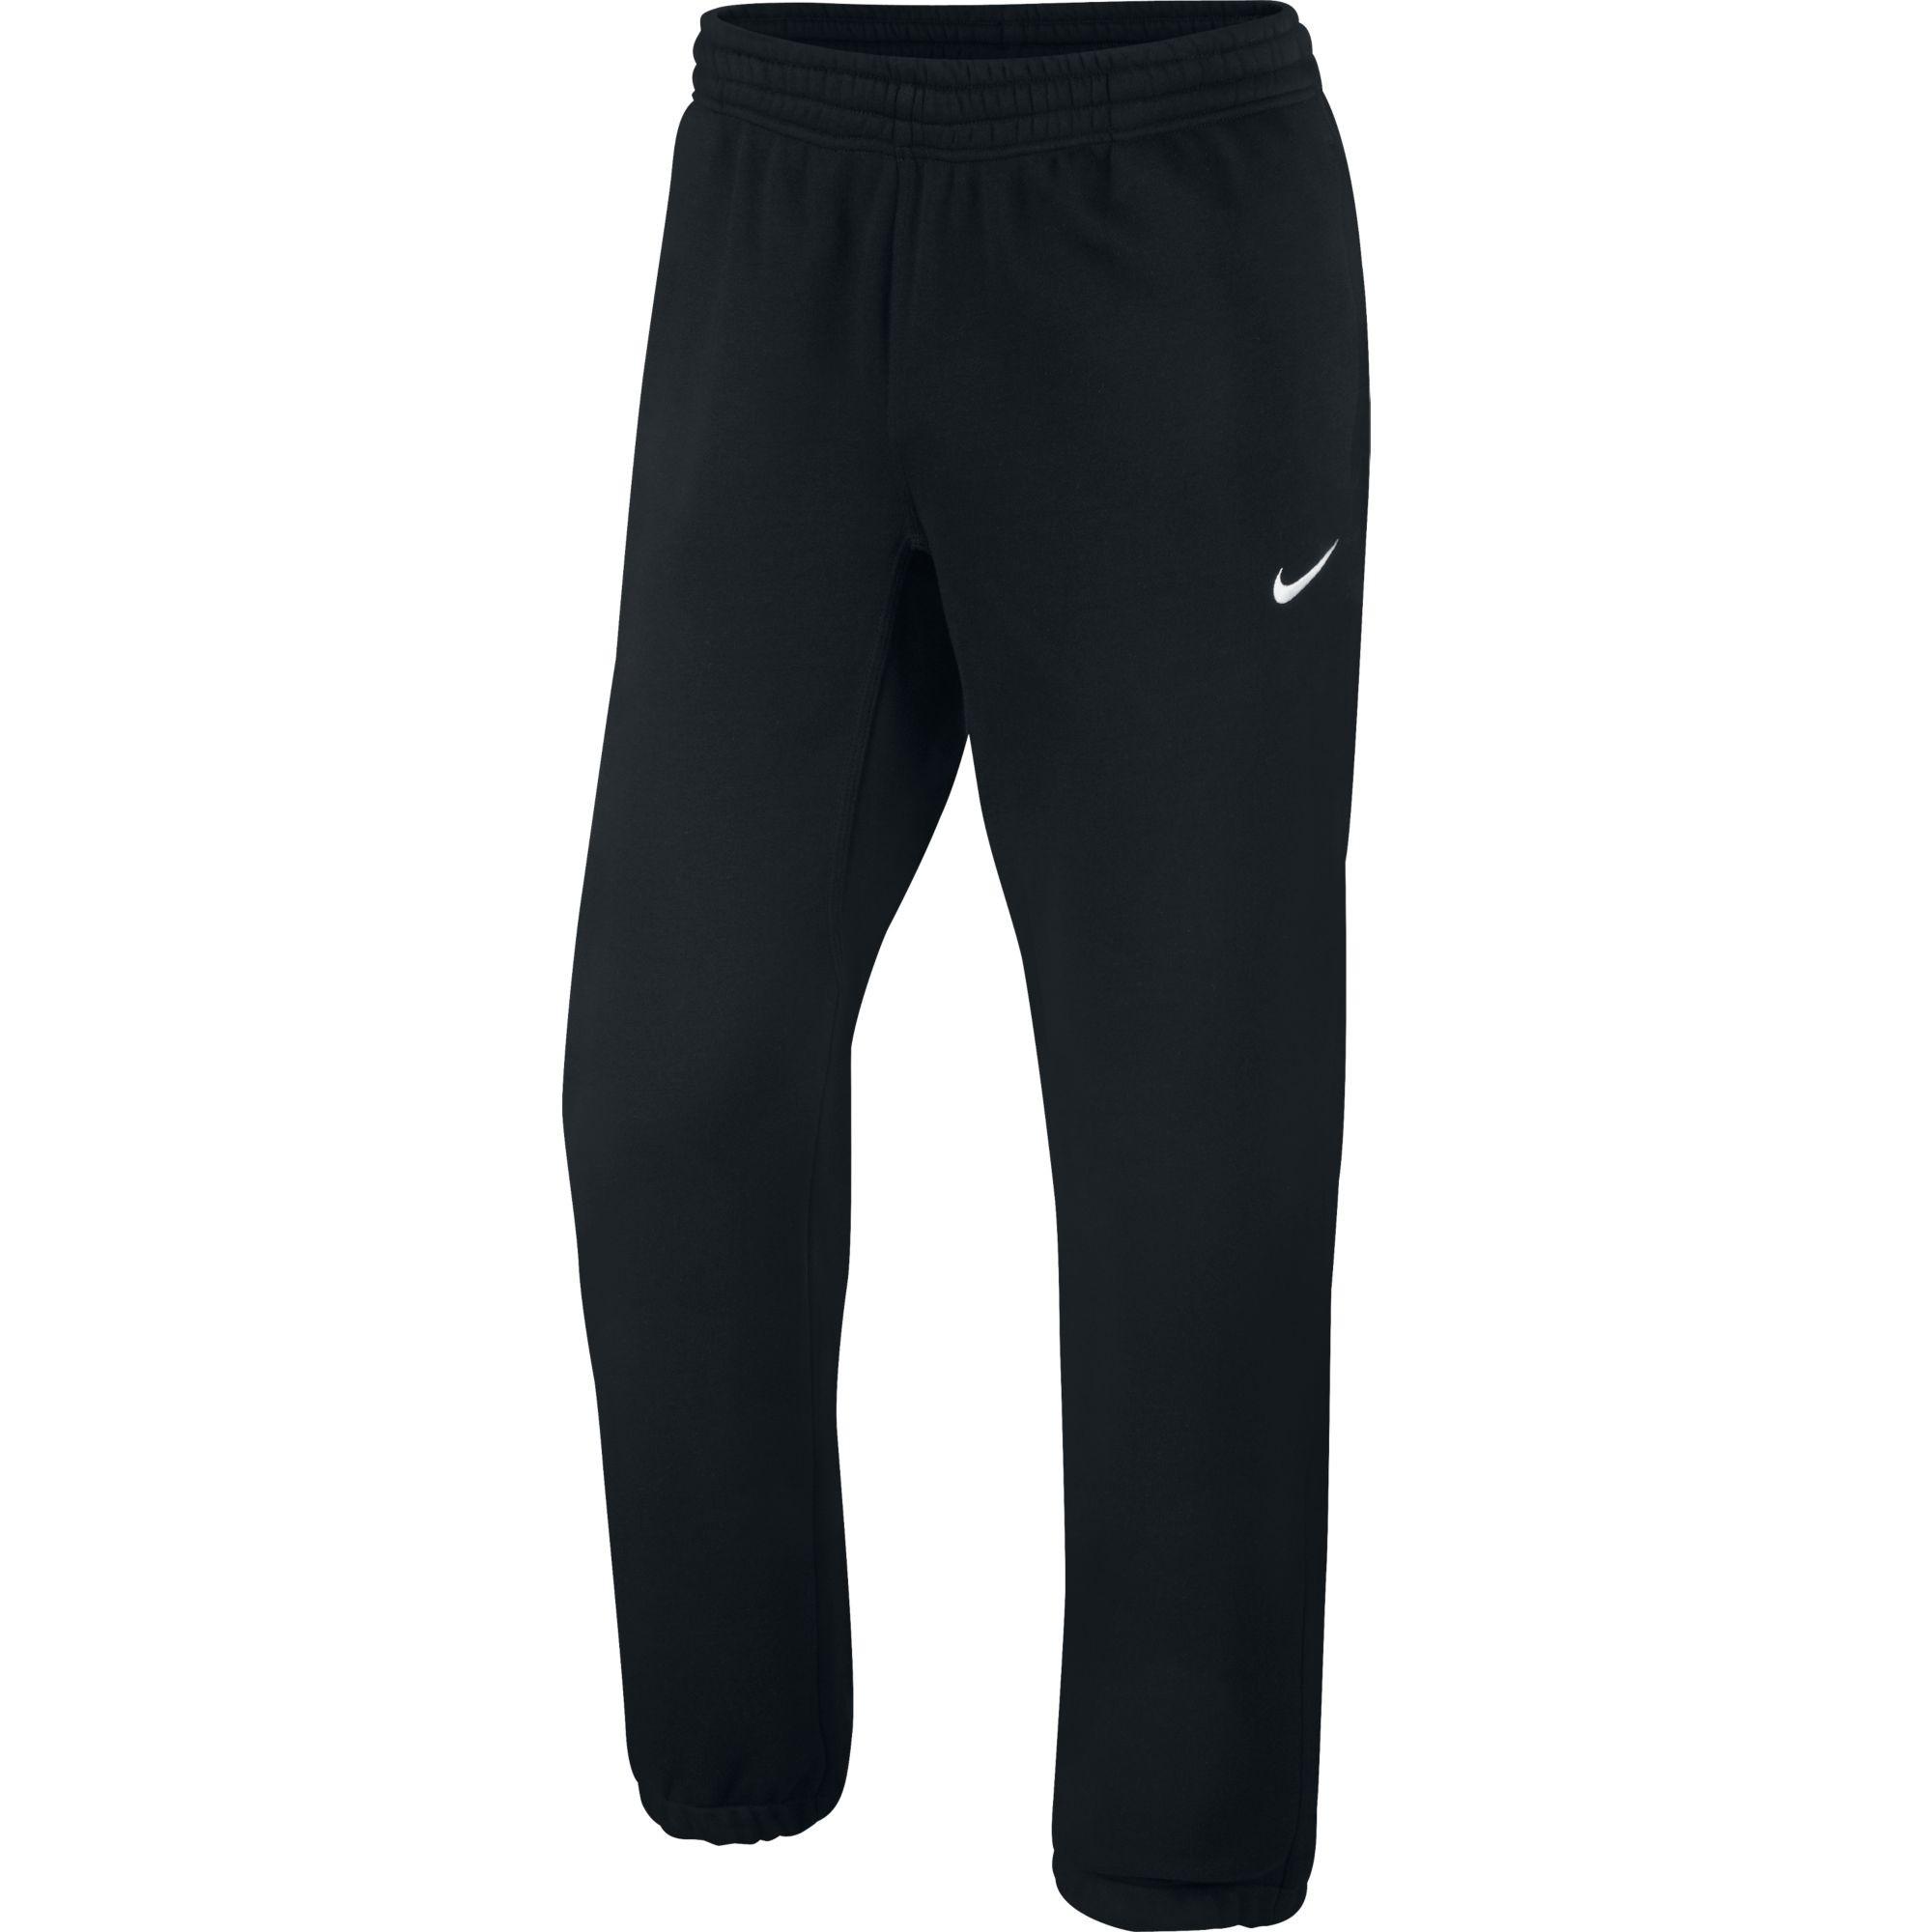 Je veux trouver des vêtements de sports fitness running de qualité et pas  cher ICI Bas survetement nike 9689475b3c9